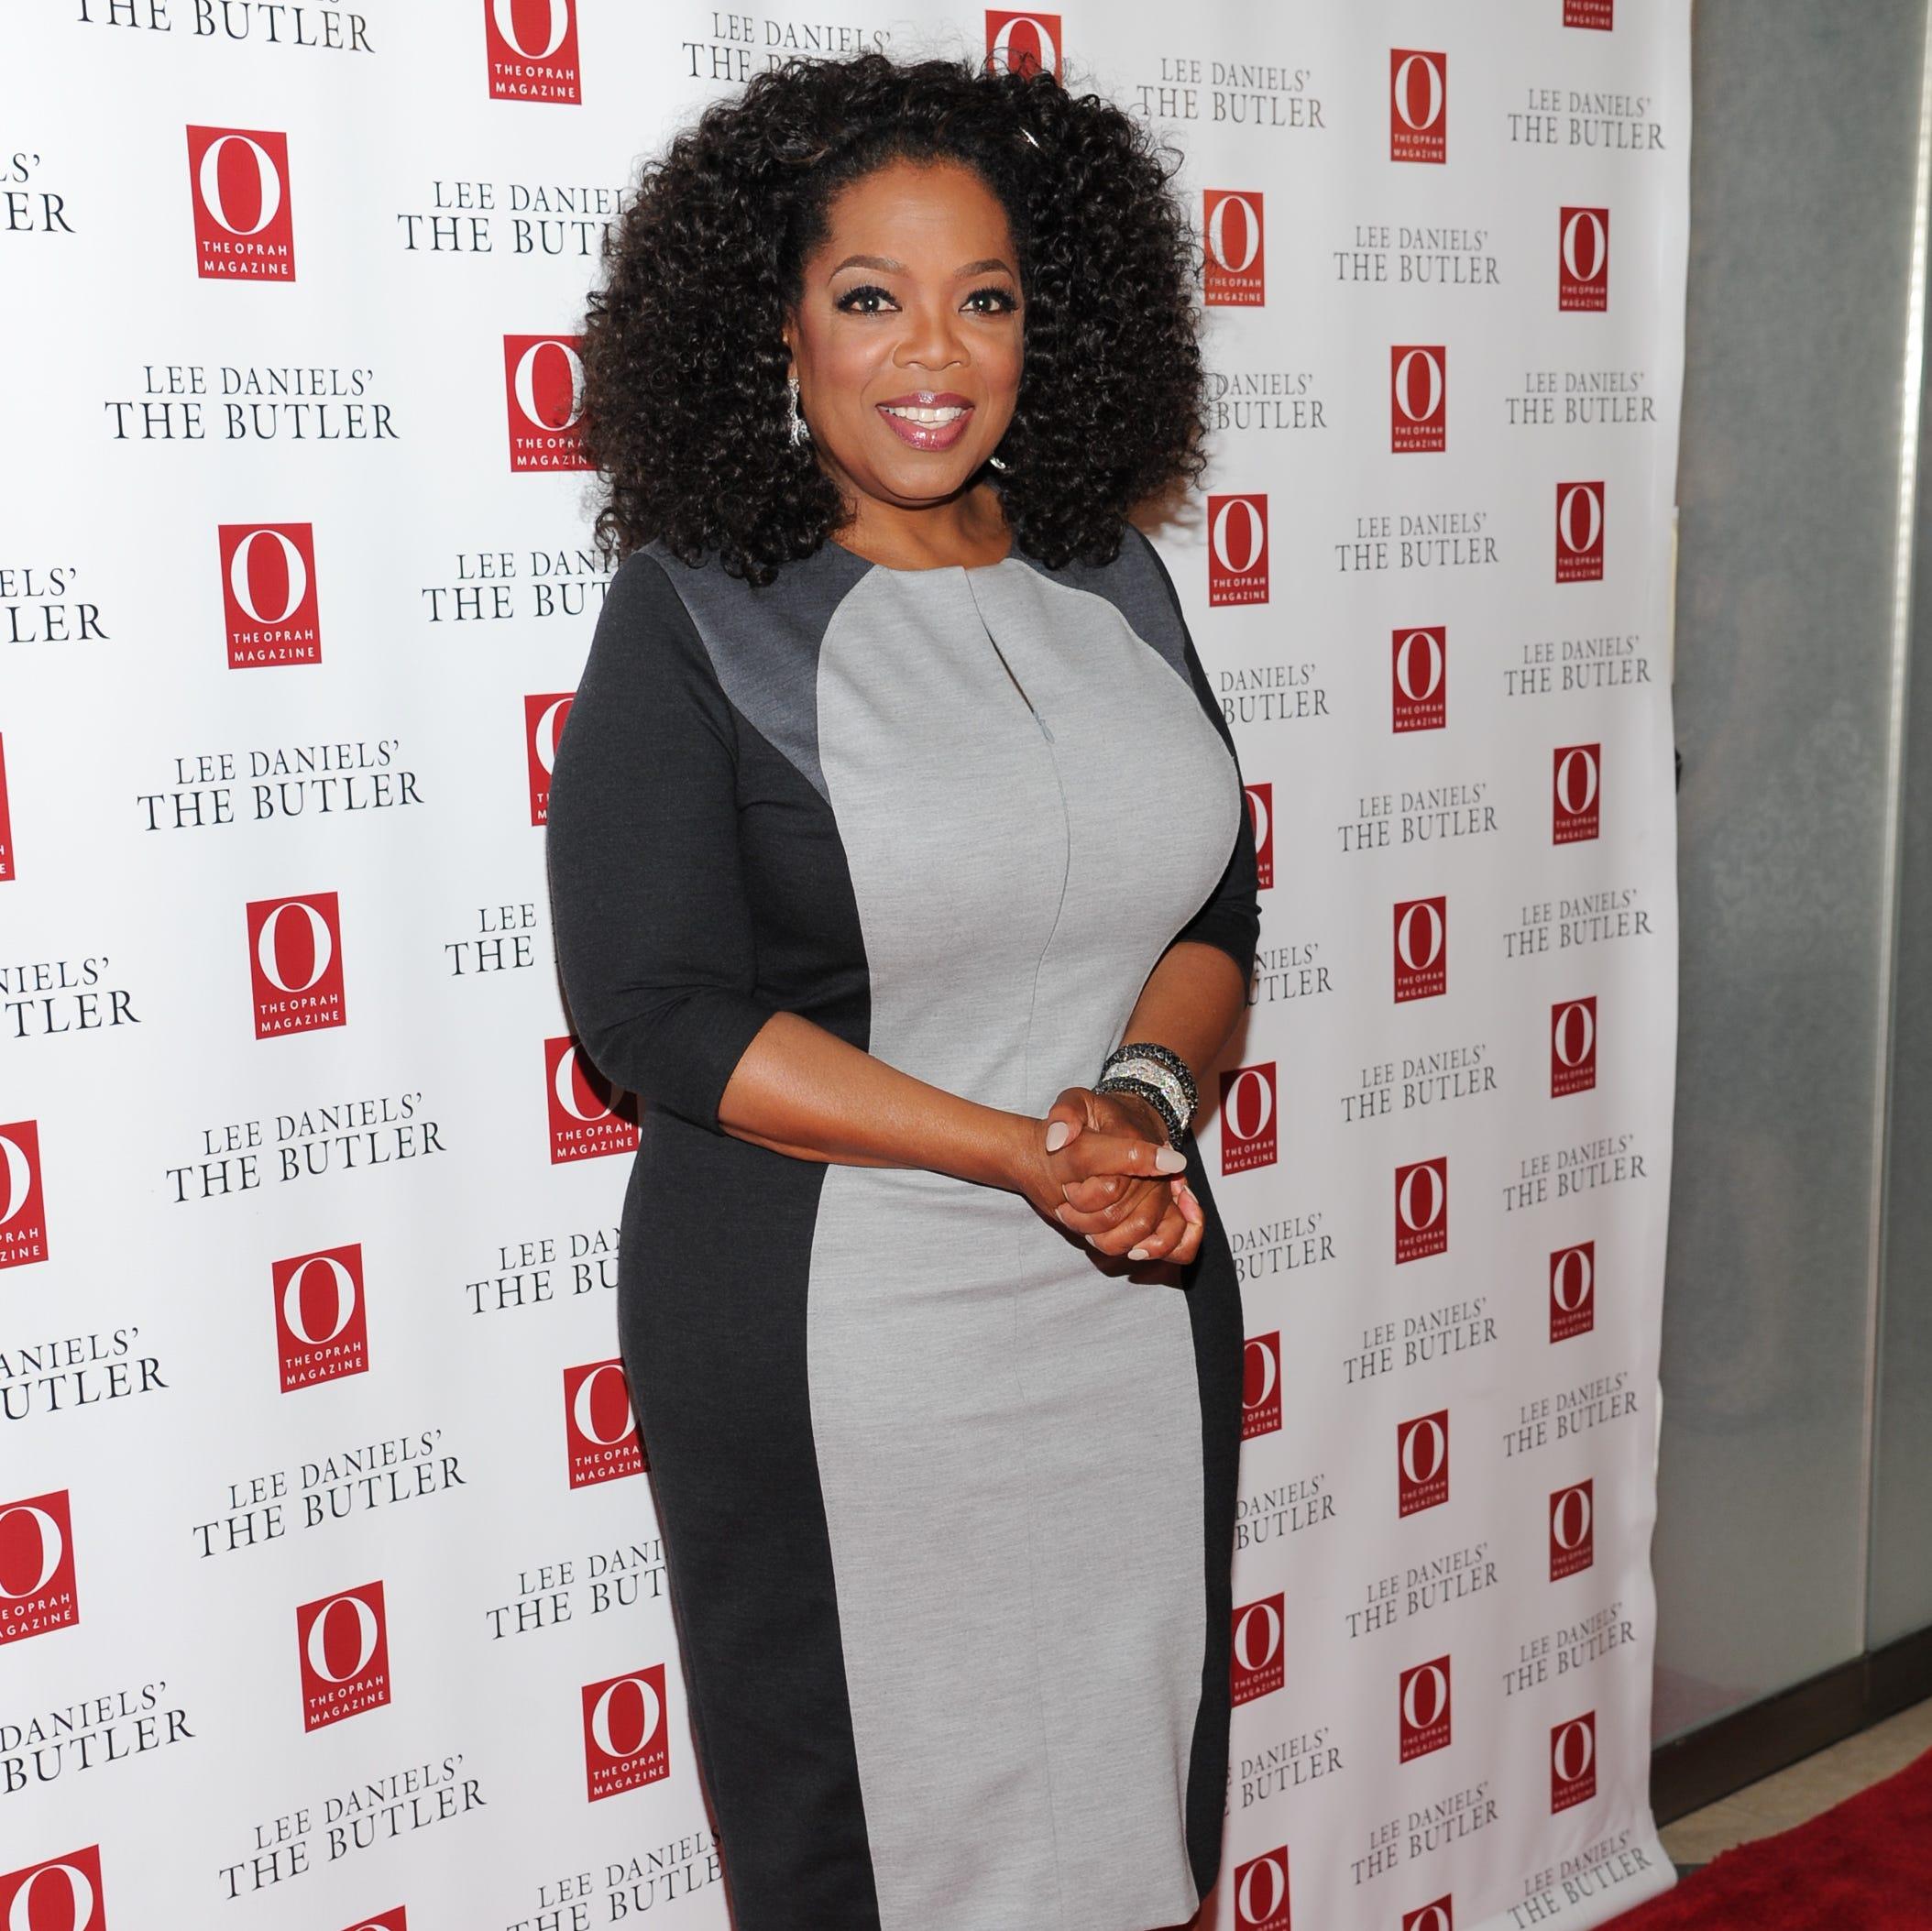 Oprah on July 31 in New York.